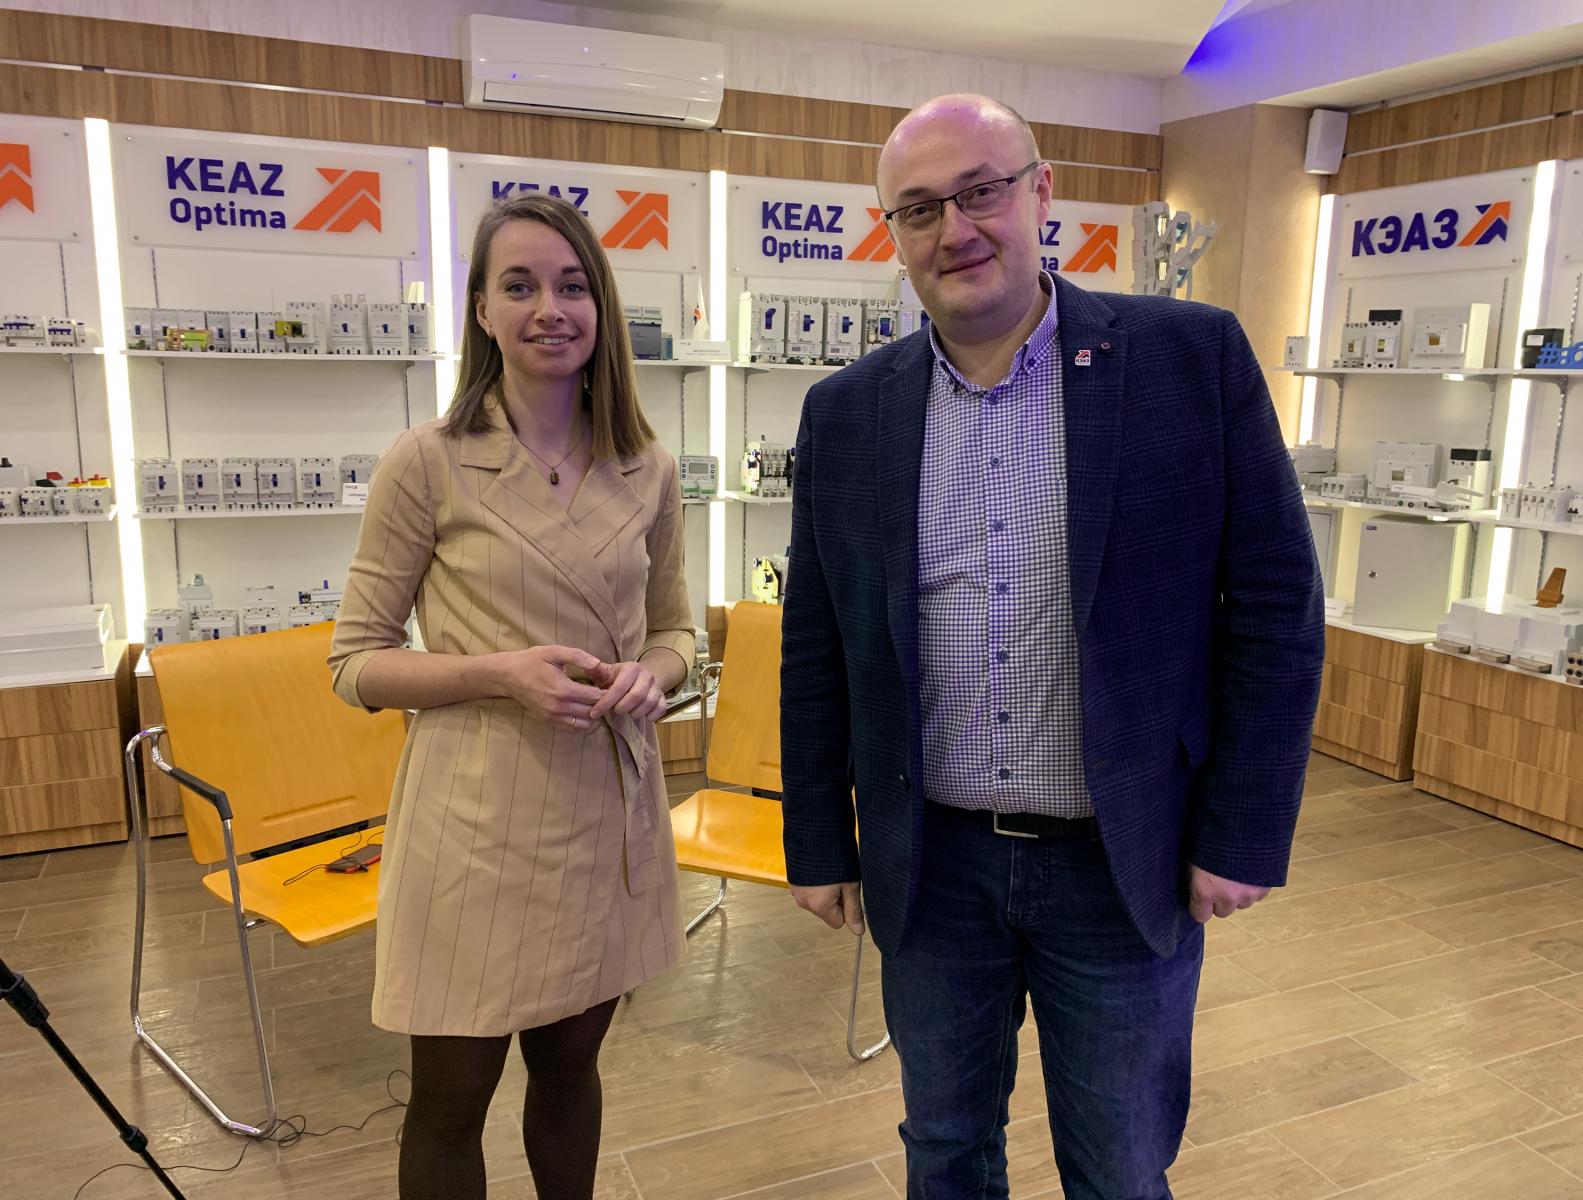 Дмитрий Коробка, директор по производству КЭАЗ